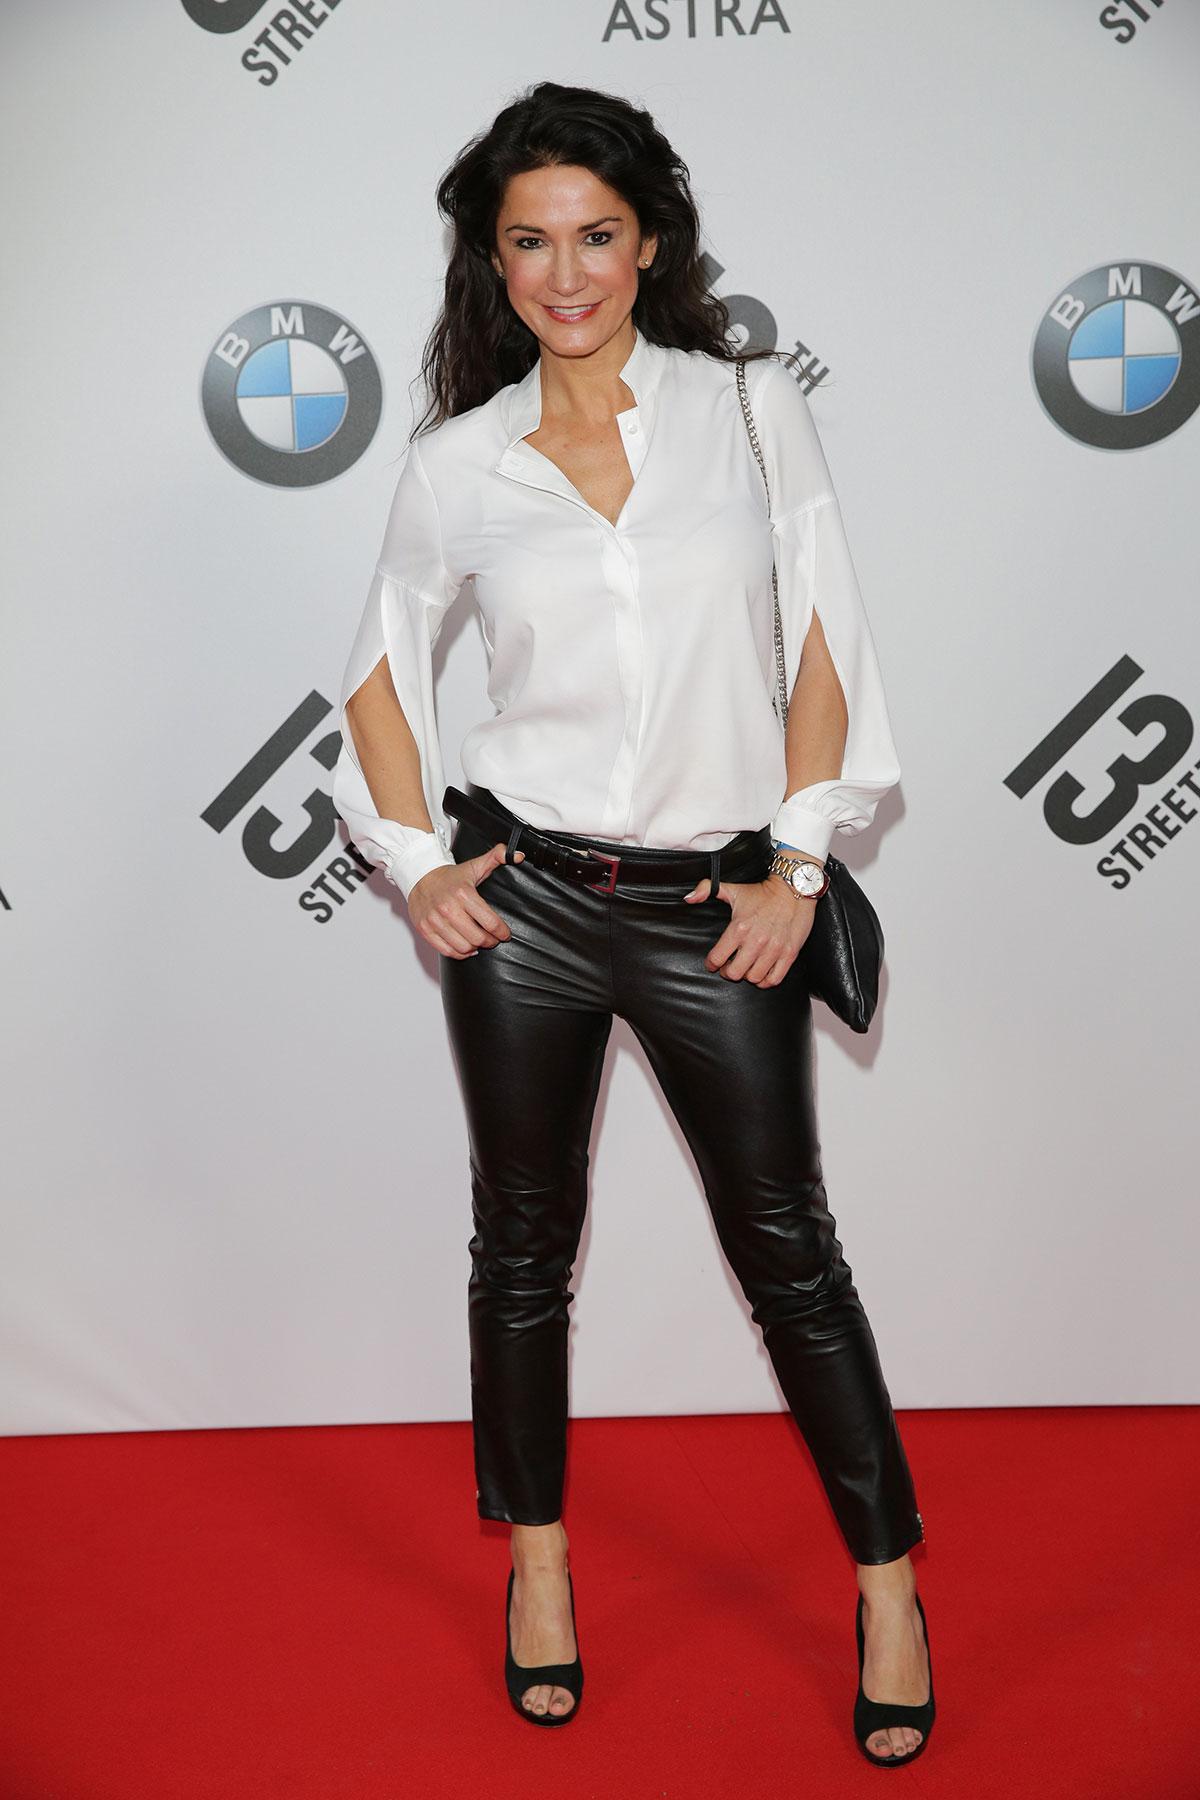 Mariella Ahrens attends Shocking Shorts Award